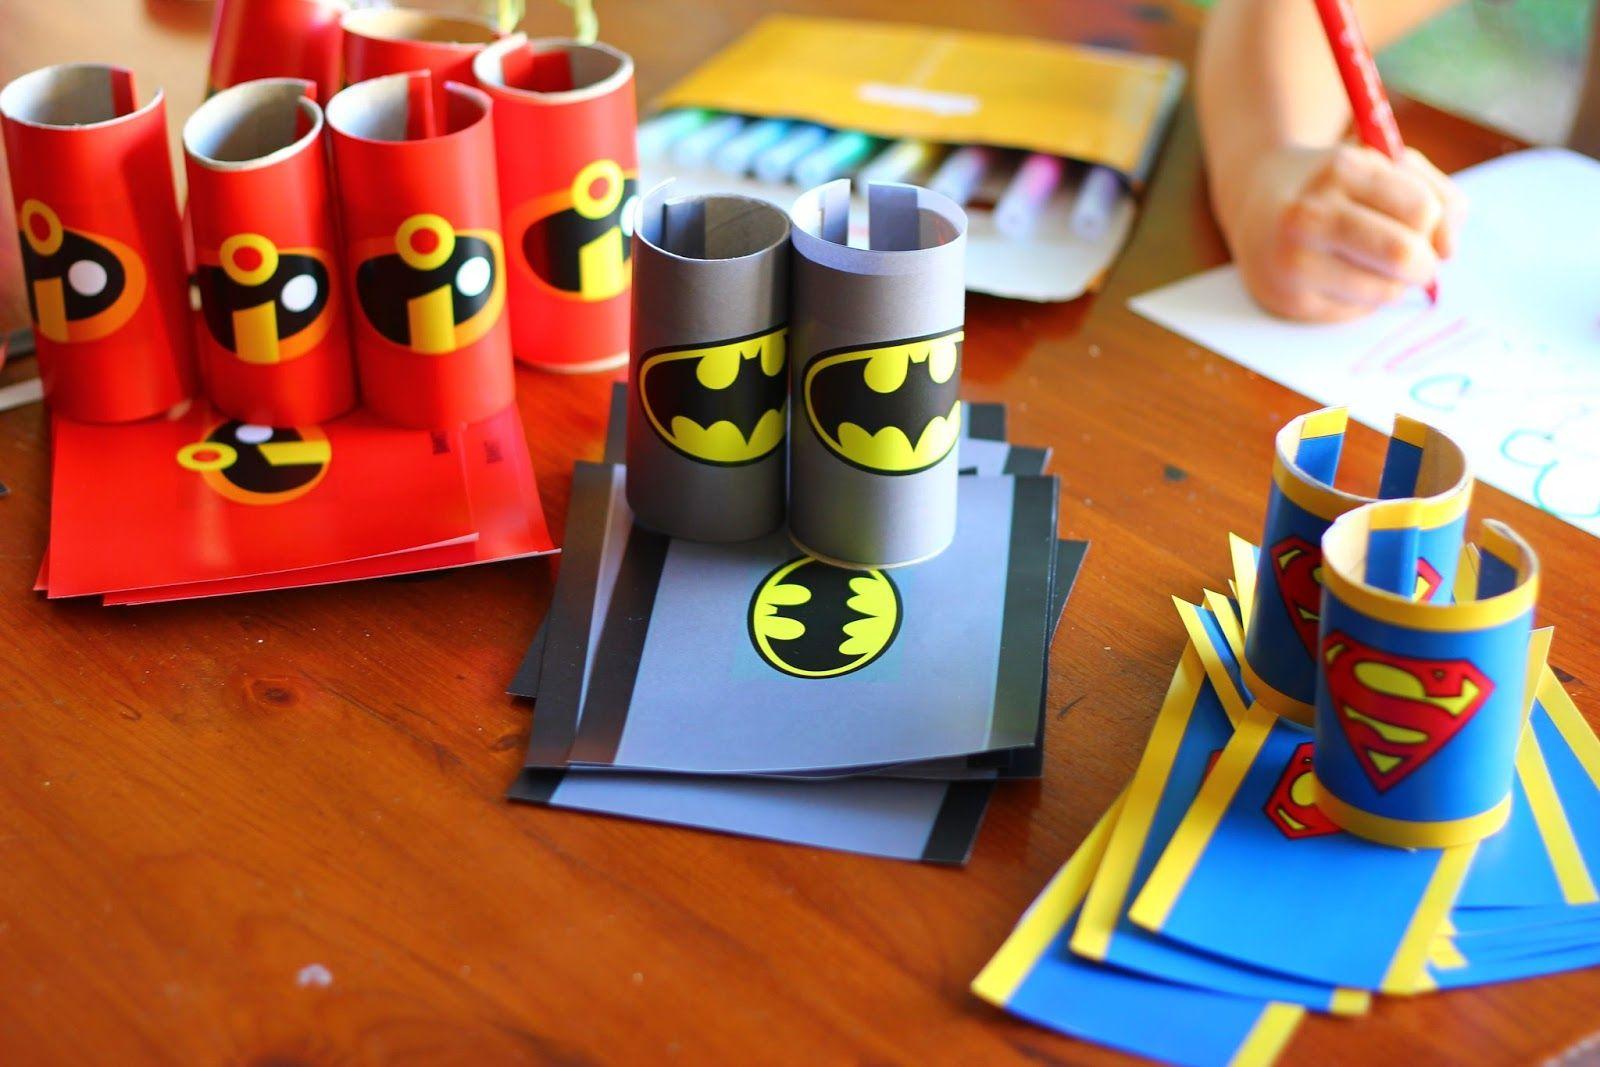 D guisement super h ros batman indestructibles superman facile diy bracelet avec rouleau papier - Jeu spiderman gratuit facile ...